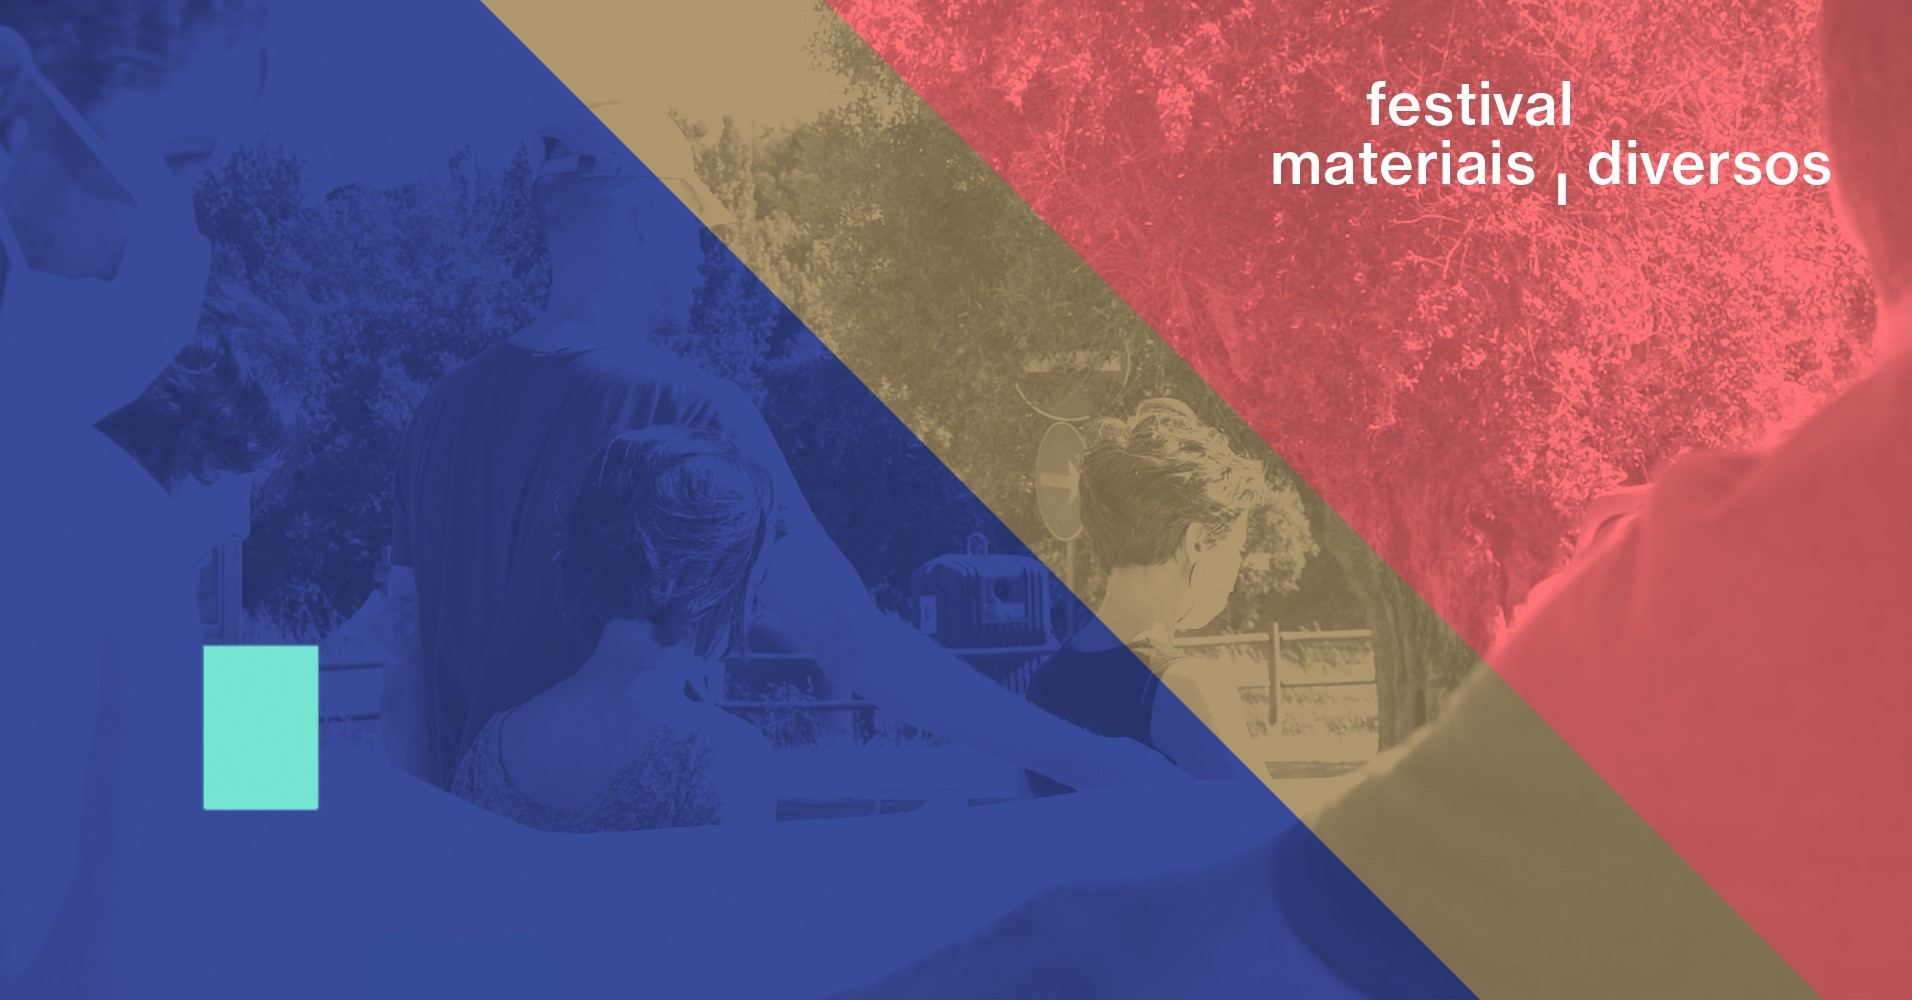 Seguiremos juntas/os por novos caminhos? ∎ Festival Materiais Diversos 2021